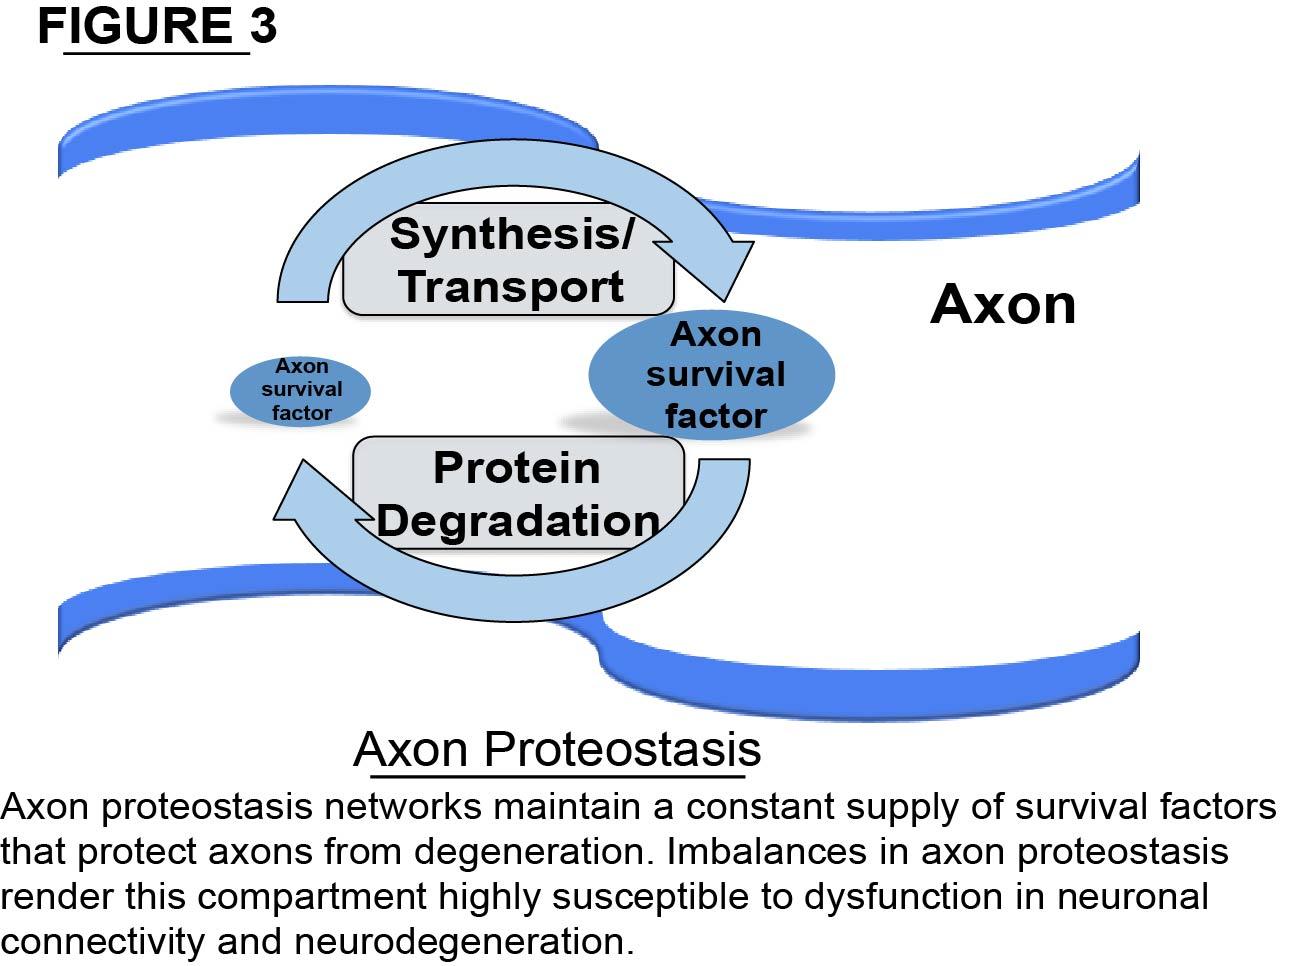 Axon proteostasis